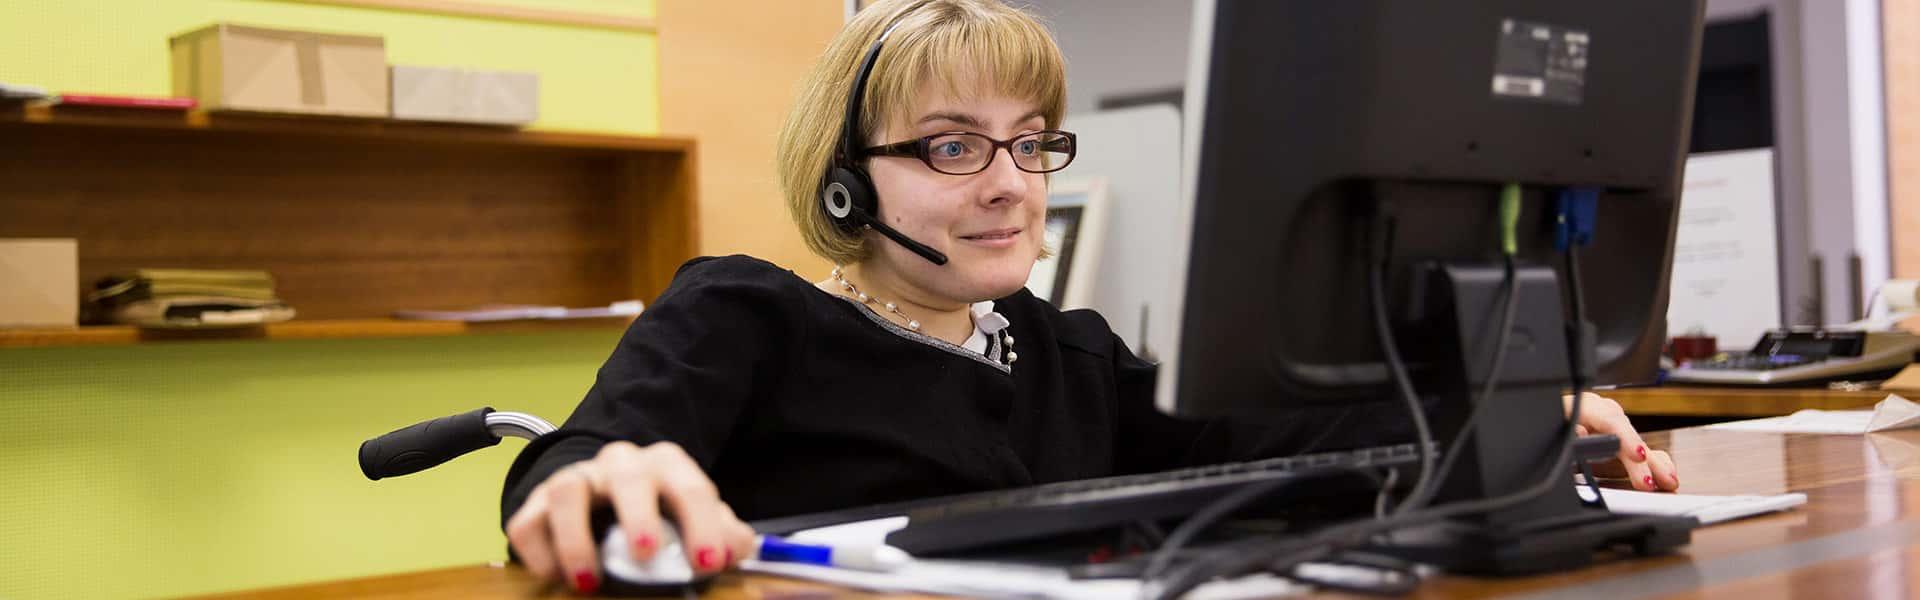 Mitarbeiterin am Computer mit Headset